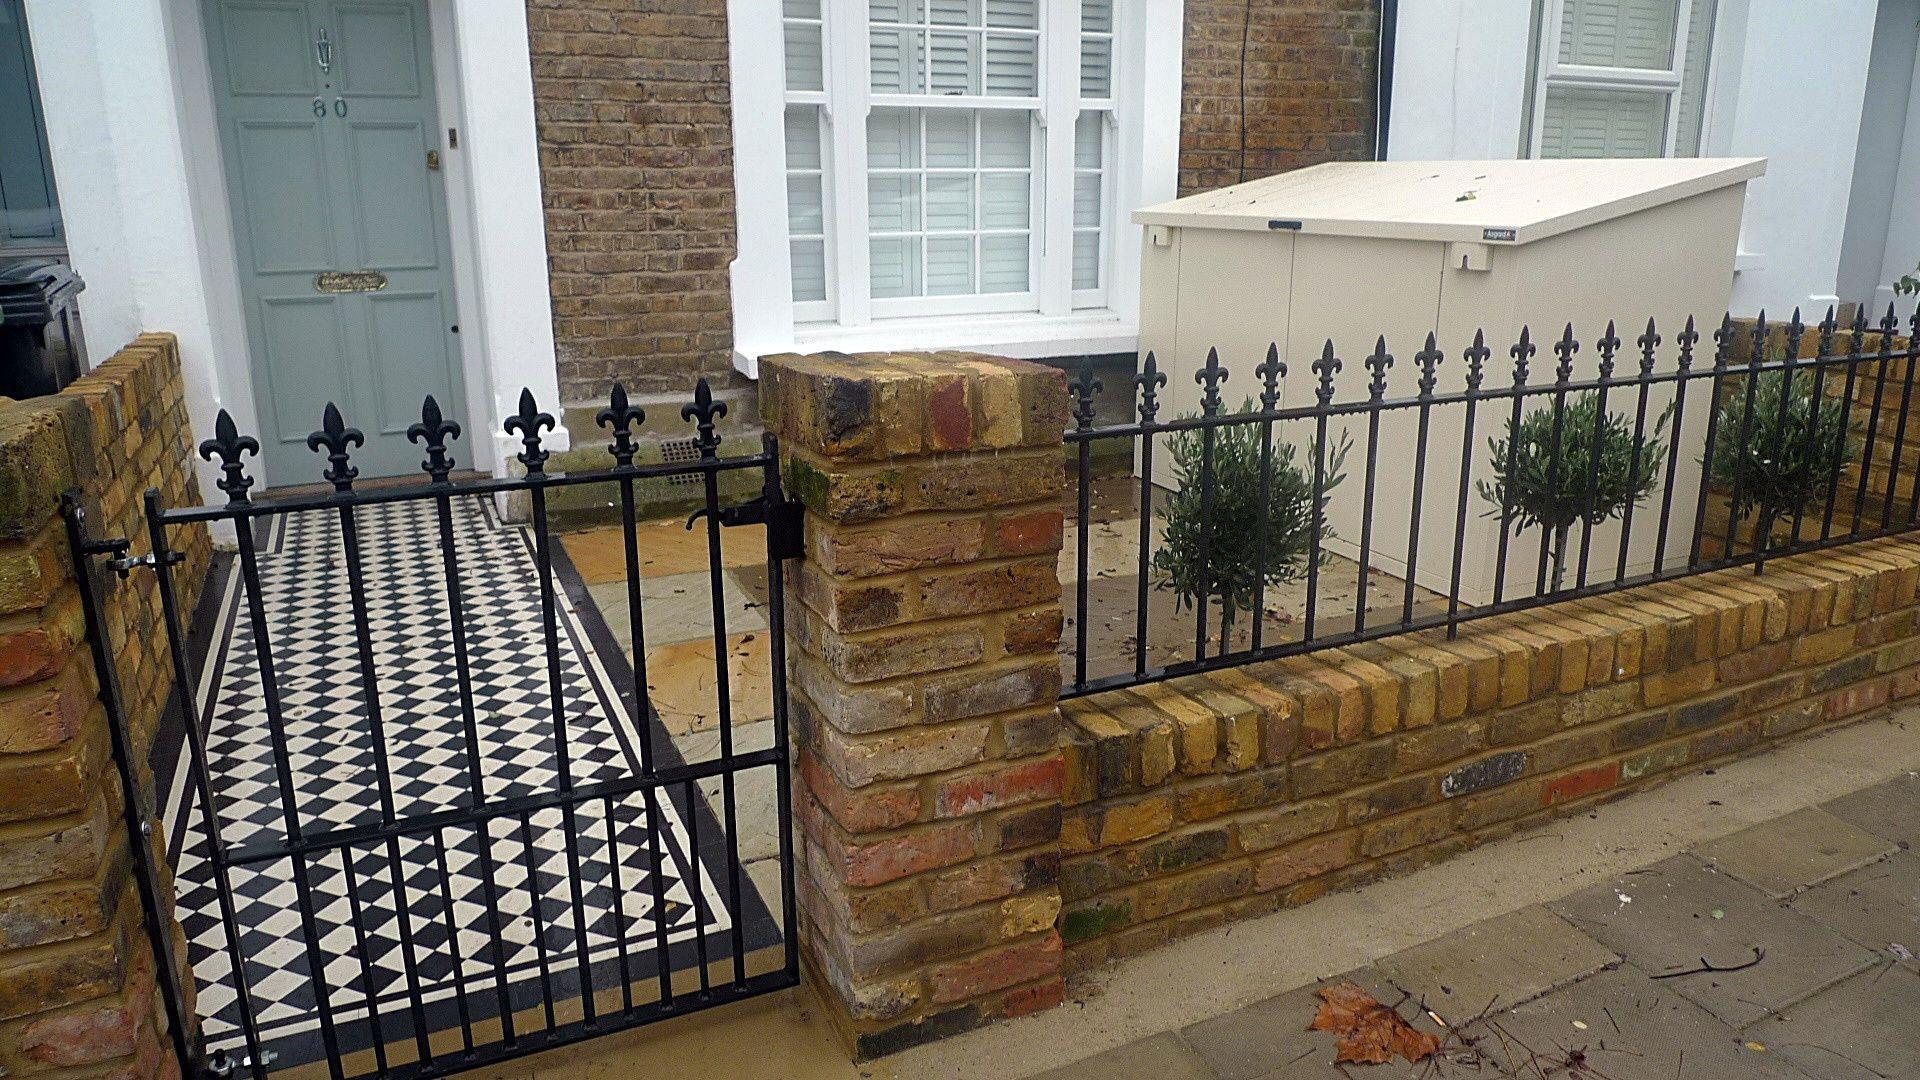 Terrace House Car Porch Design Malaysia In 2020 Brick Garden Garden Wall Porch Design